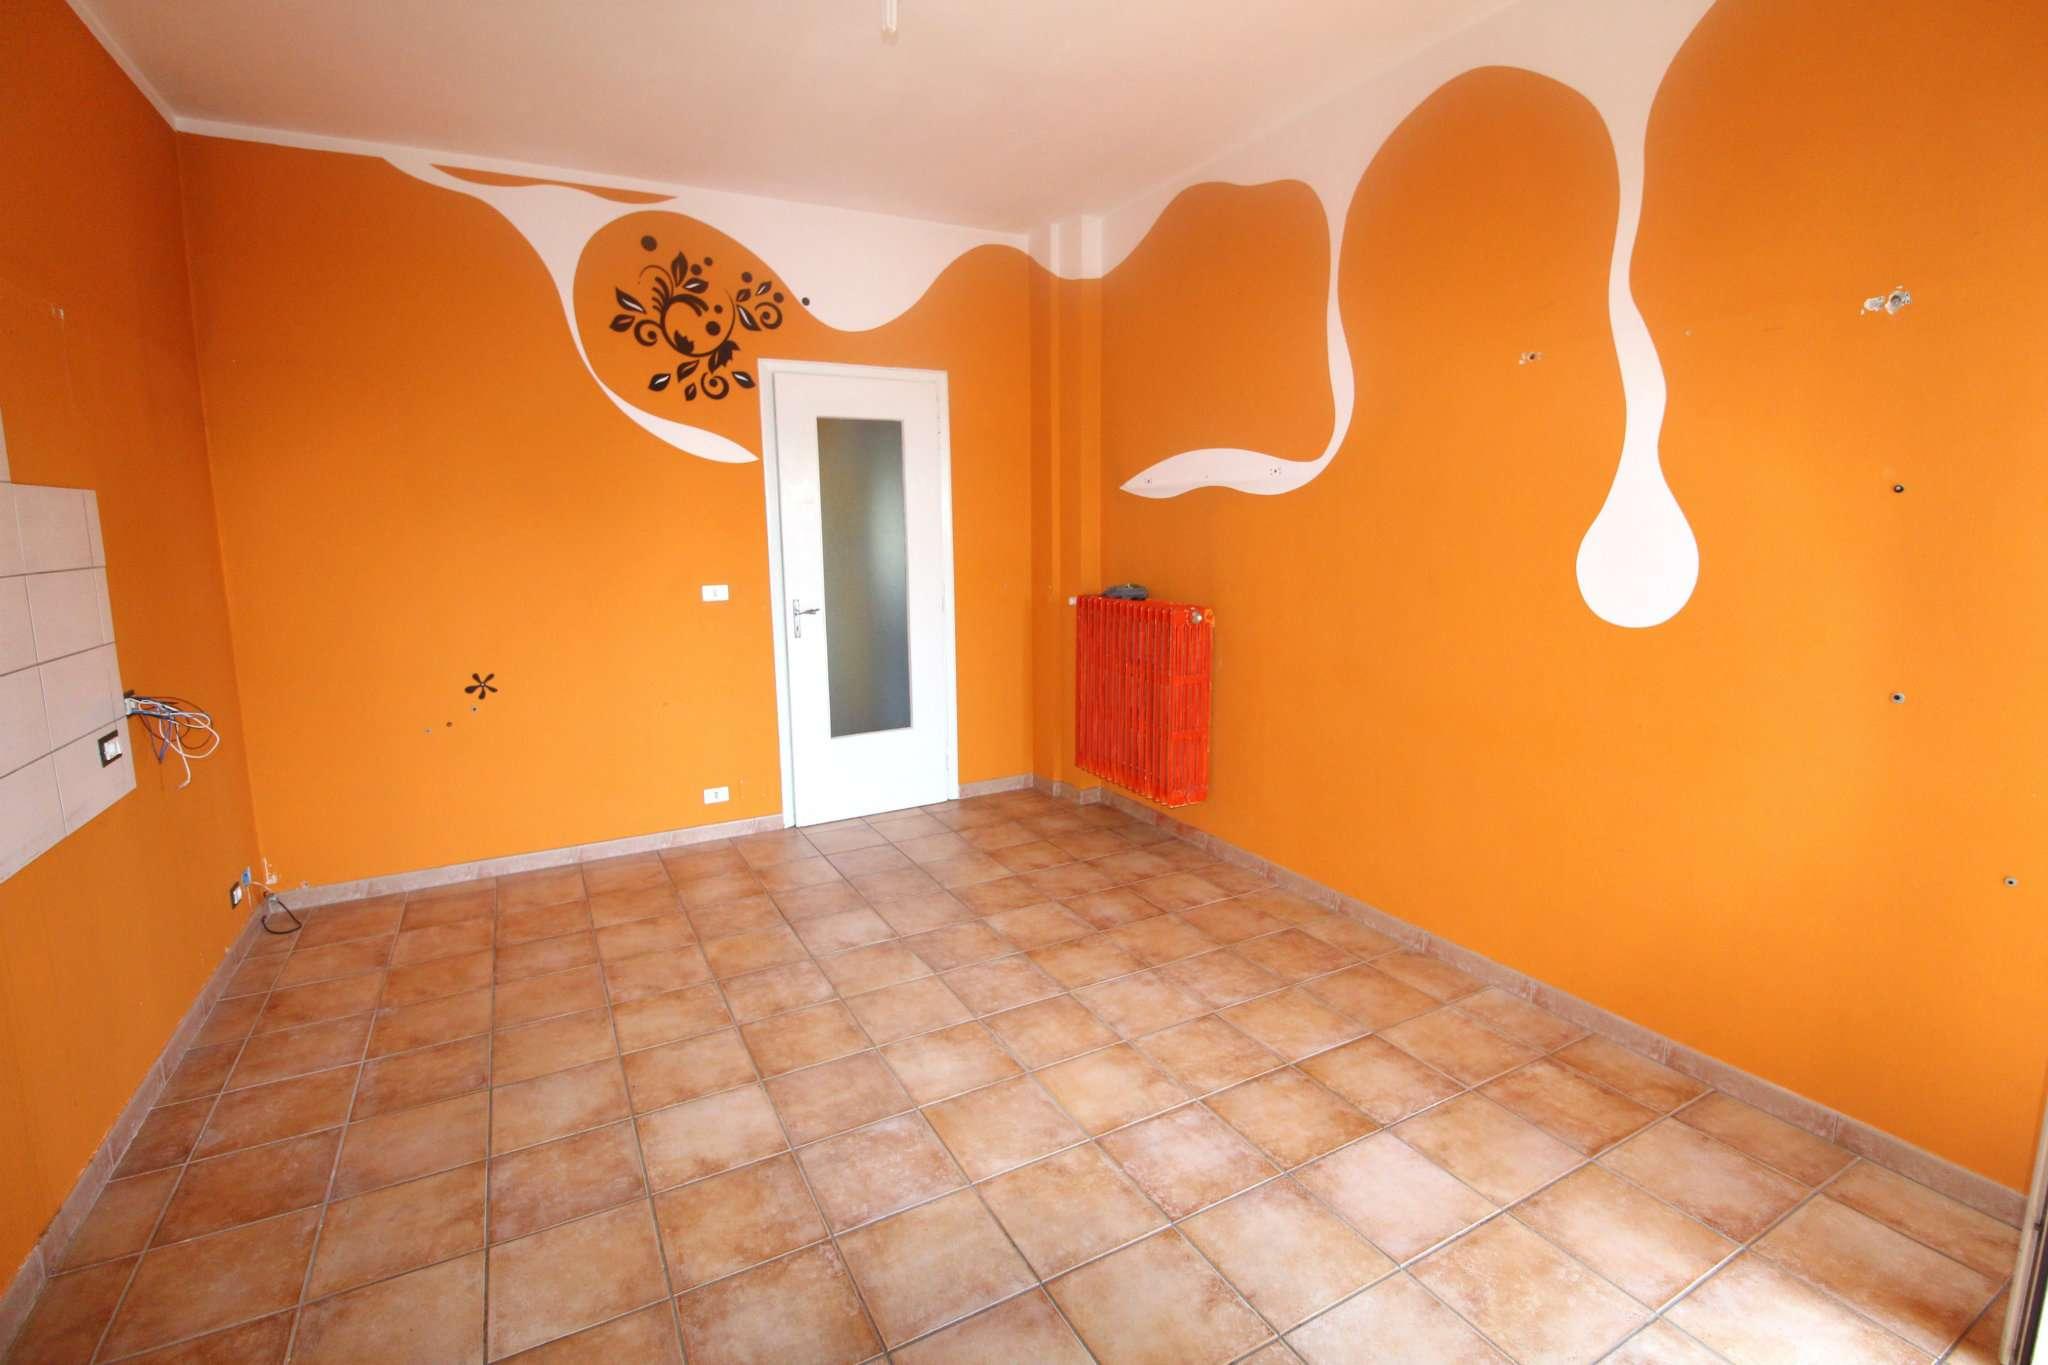 Appartamento in vendita a Candiolo, 3 locali, prezzo € 65.000   CambioCasa.it